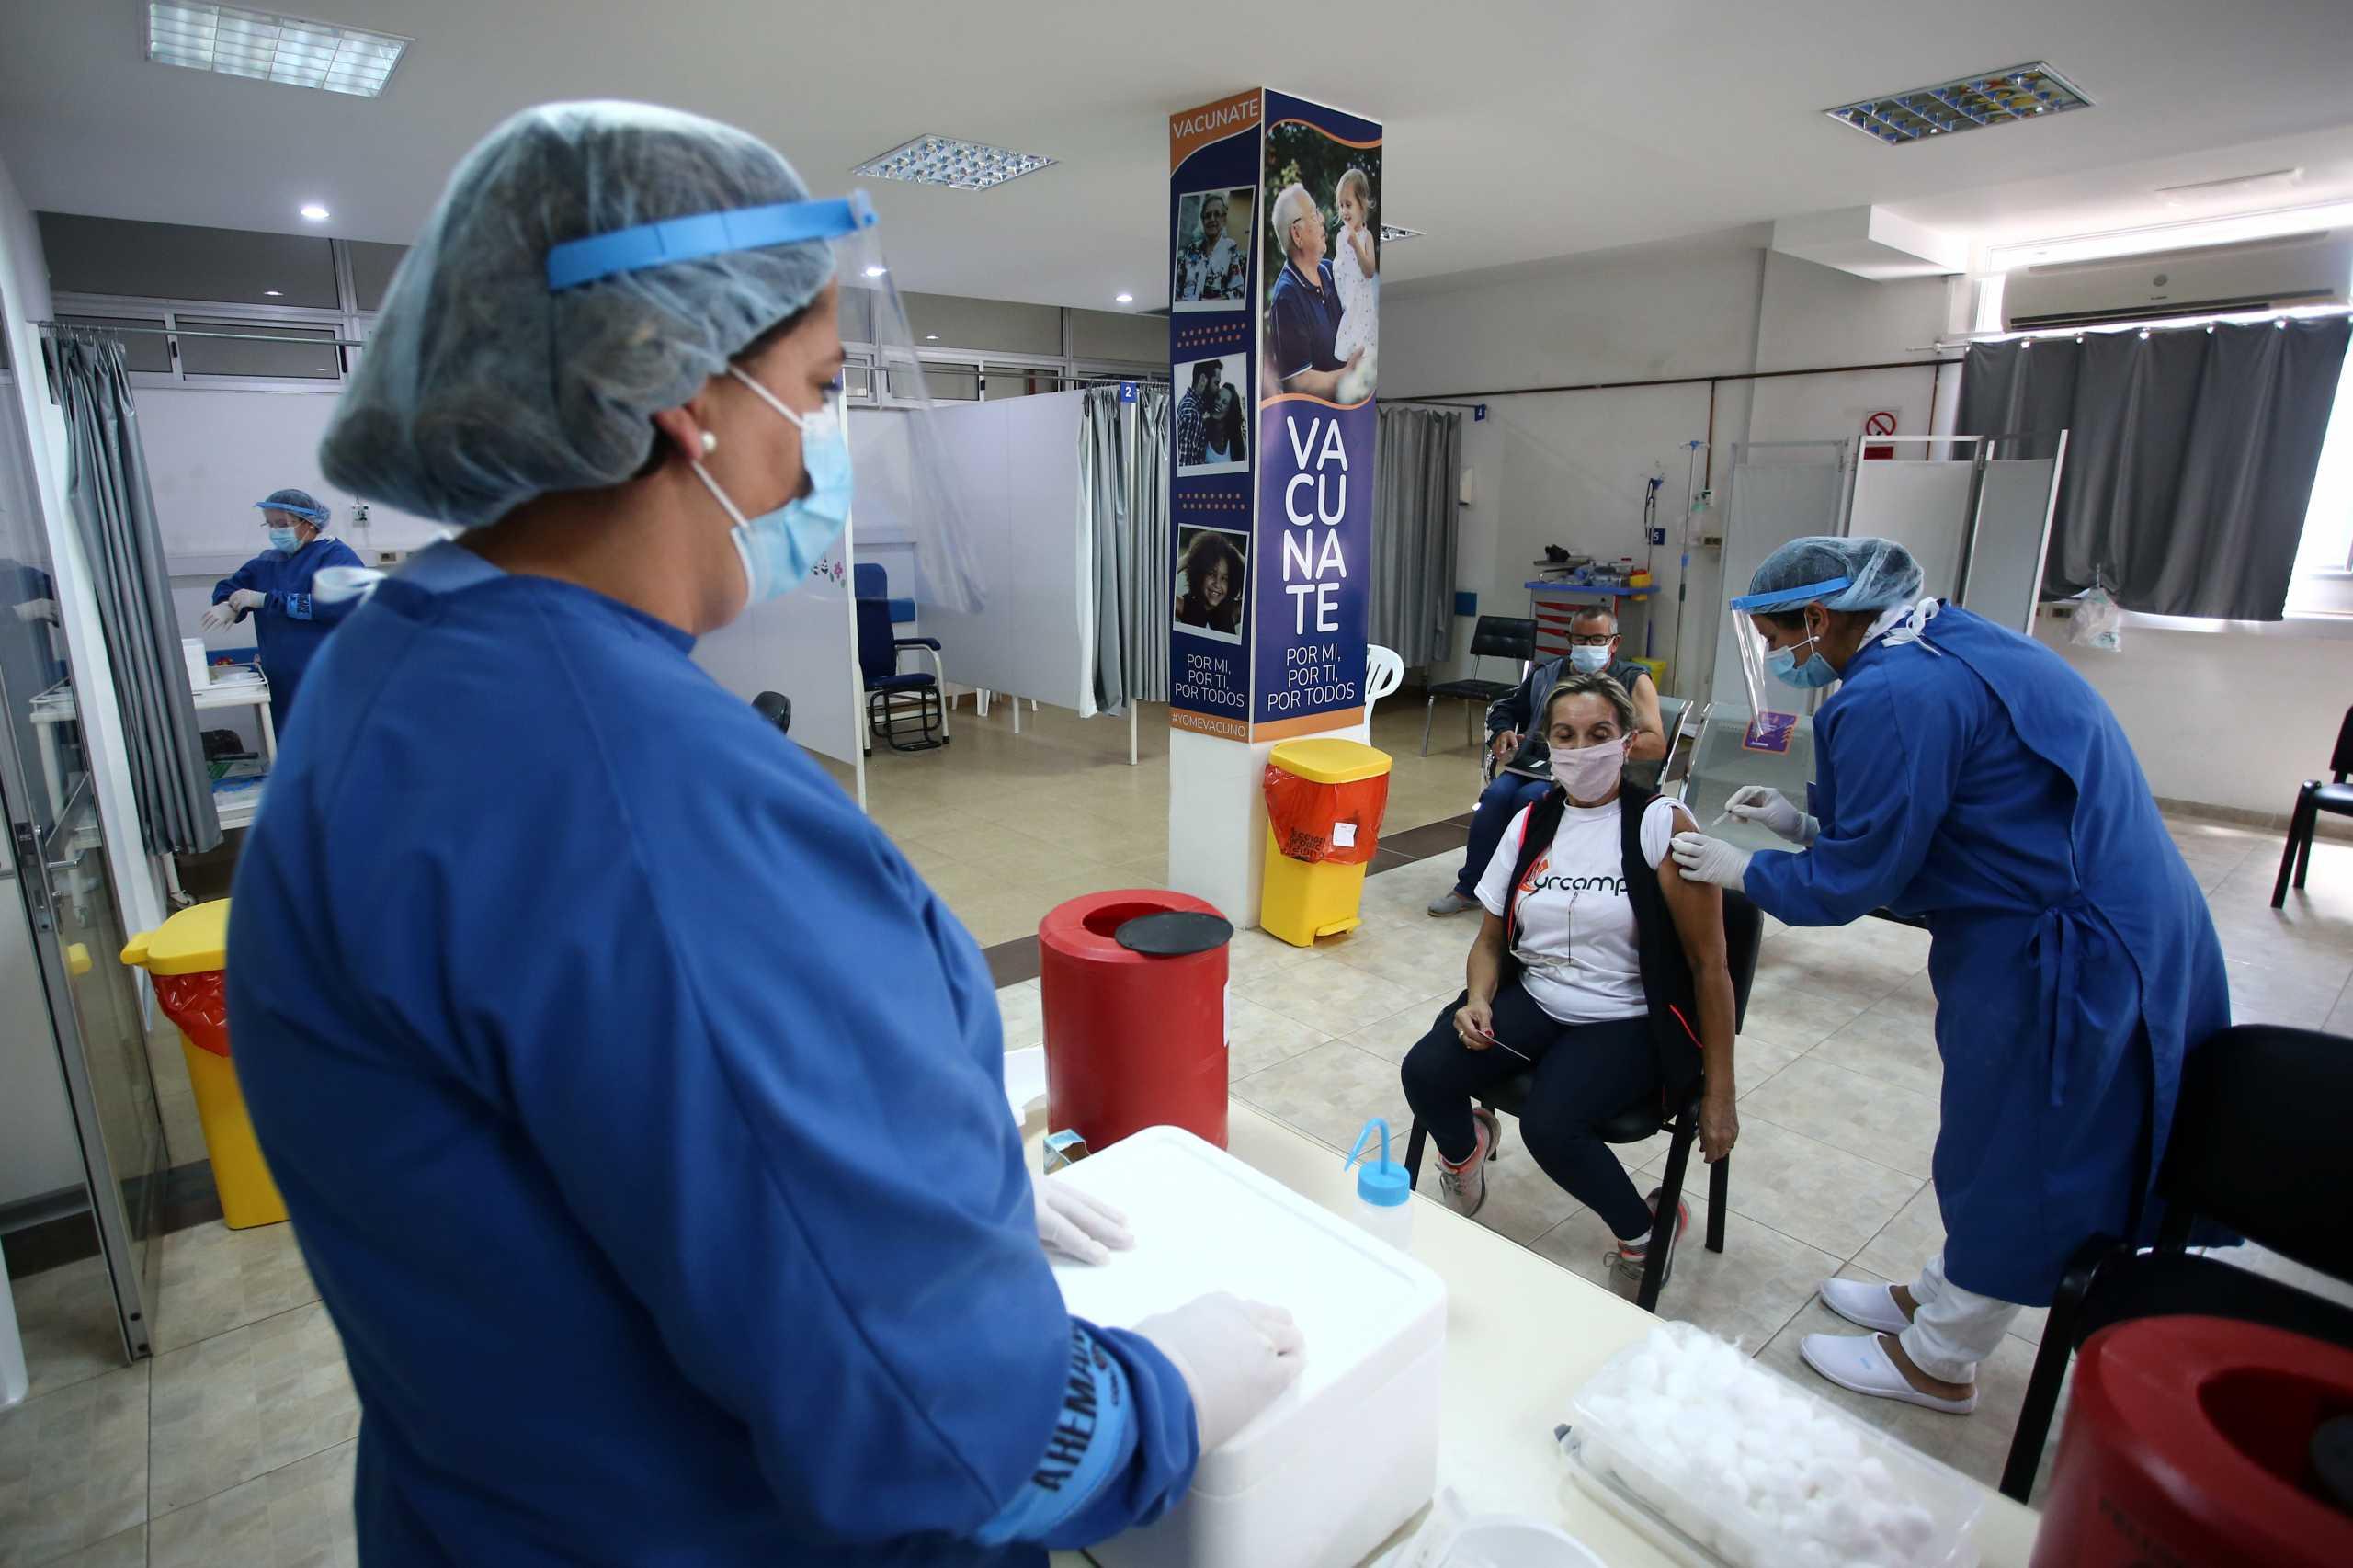 Κορονοϊός: Παράδειγμα προς αποφυγή πλέον η Ουρουγουάη – Καταγράφει τον υψηλότερο δείκτη μολύνσεων στον κόσμο